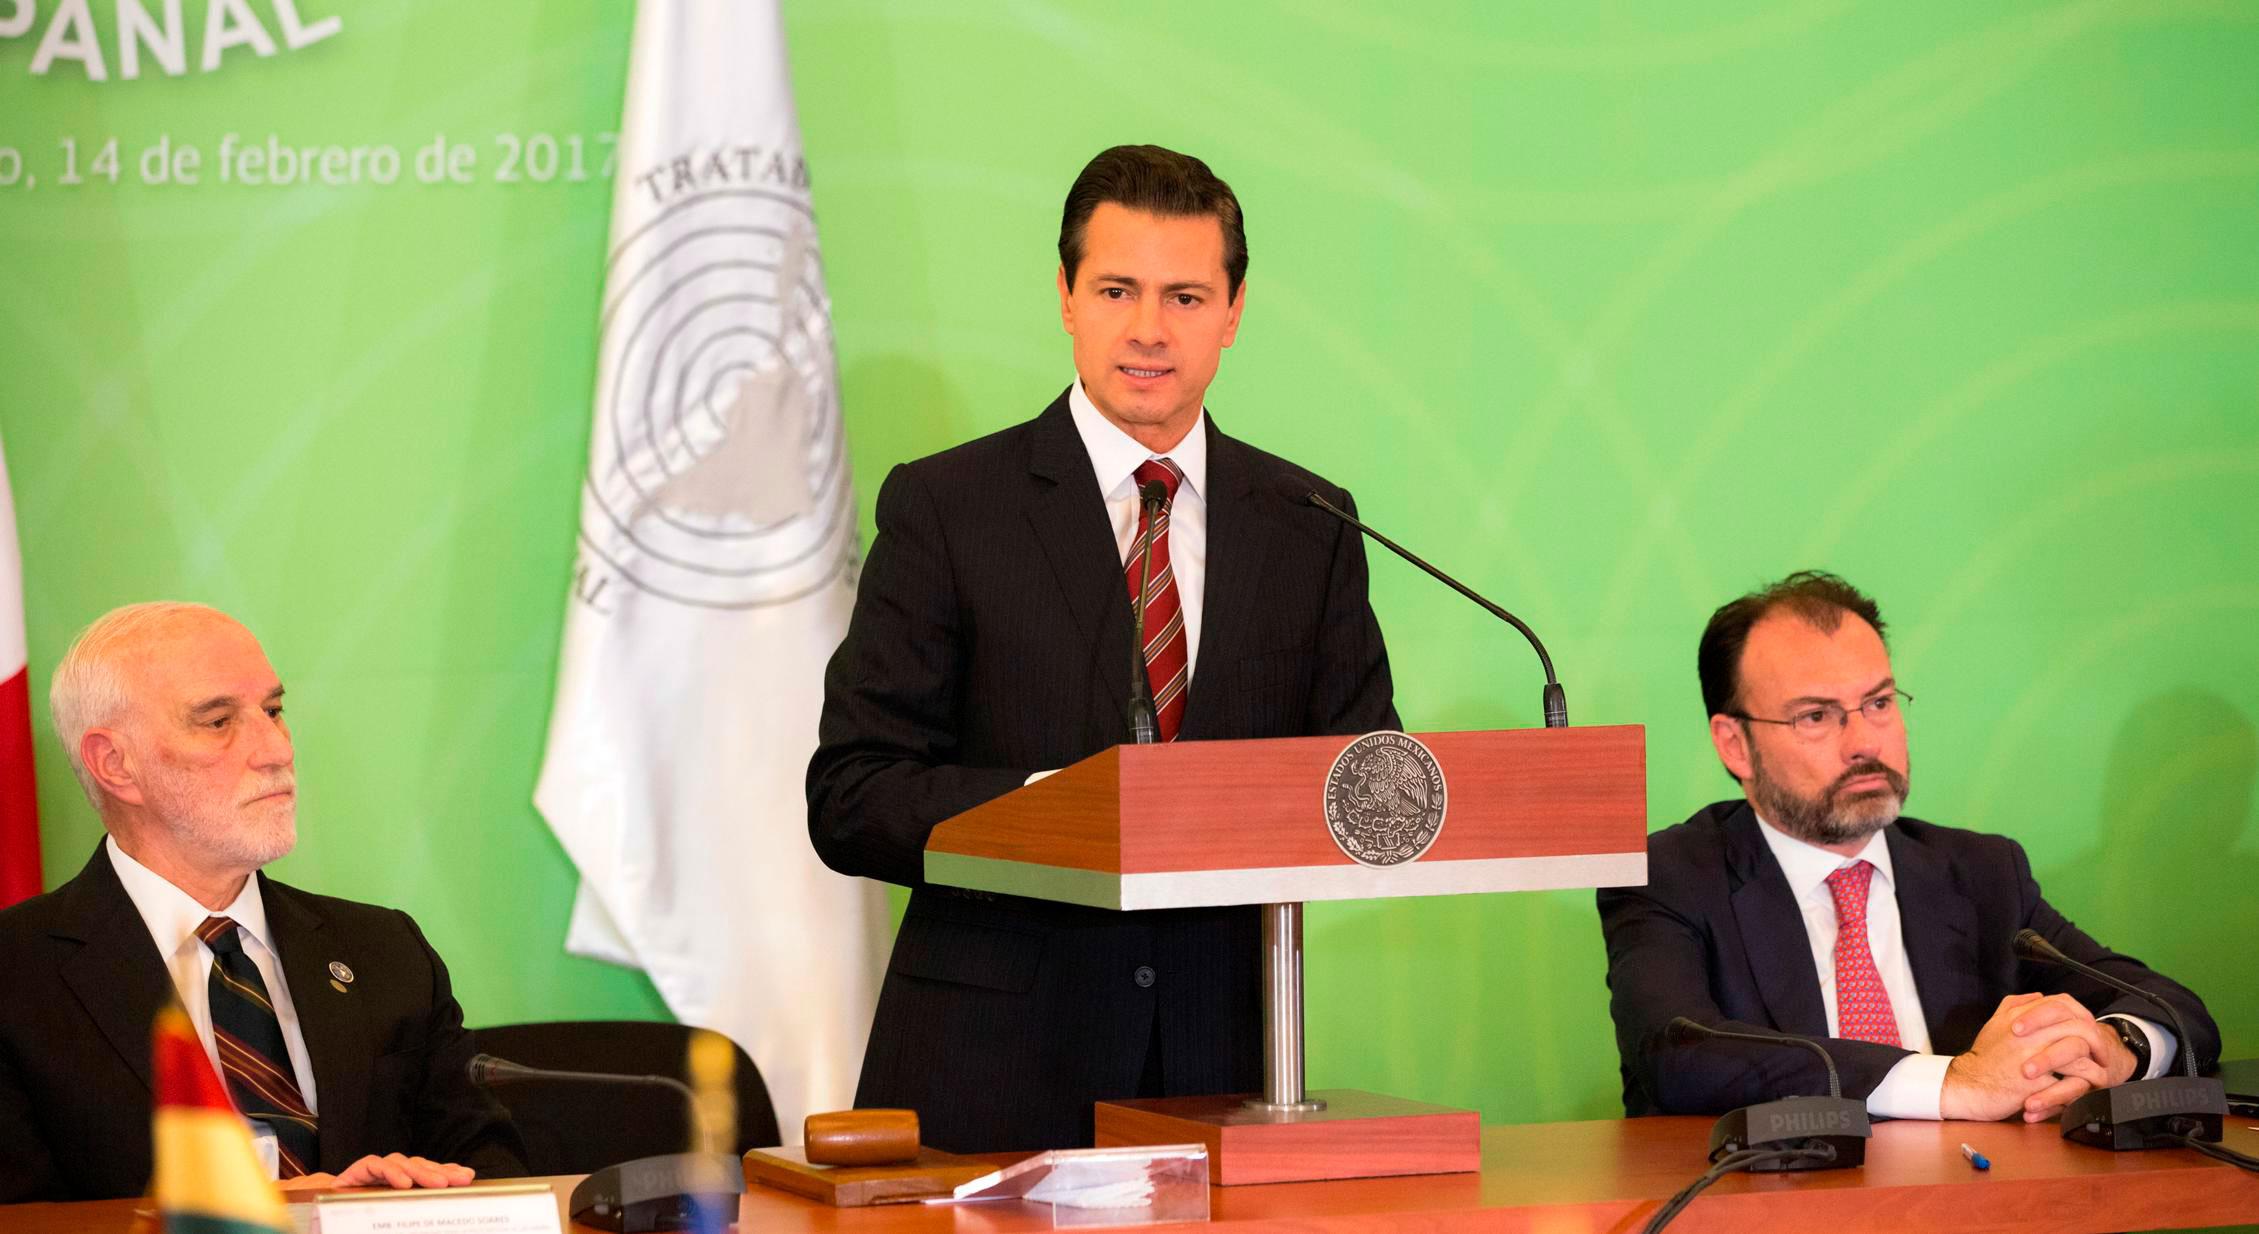 El presidente Enrique Peña Nieto agradeció a los pueblos de América Latina y el Caribe su apoyo frente a Estados Unidos